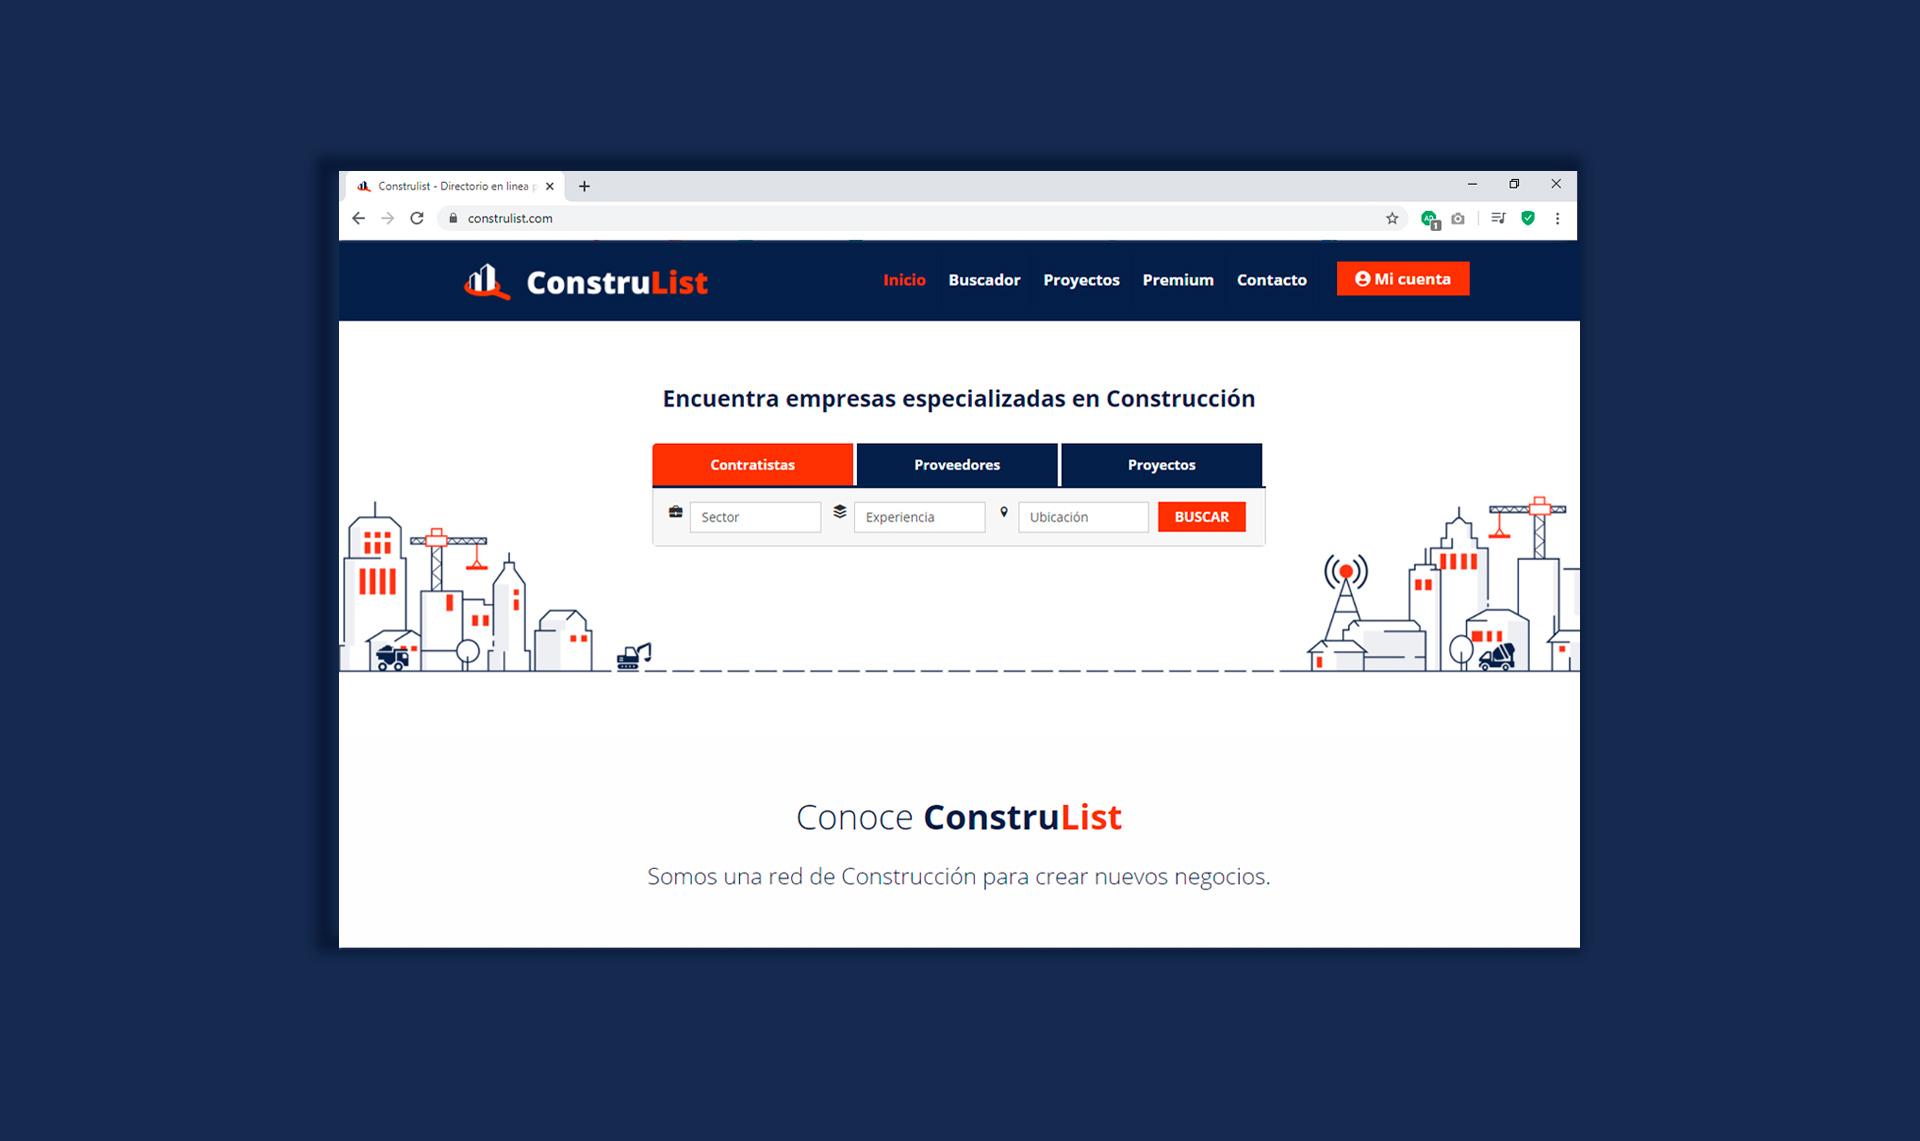 ConstruList